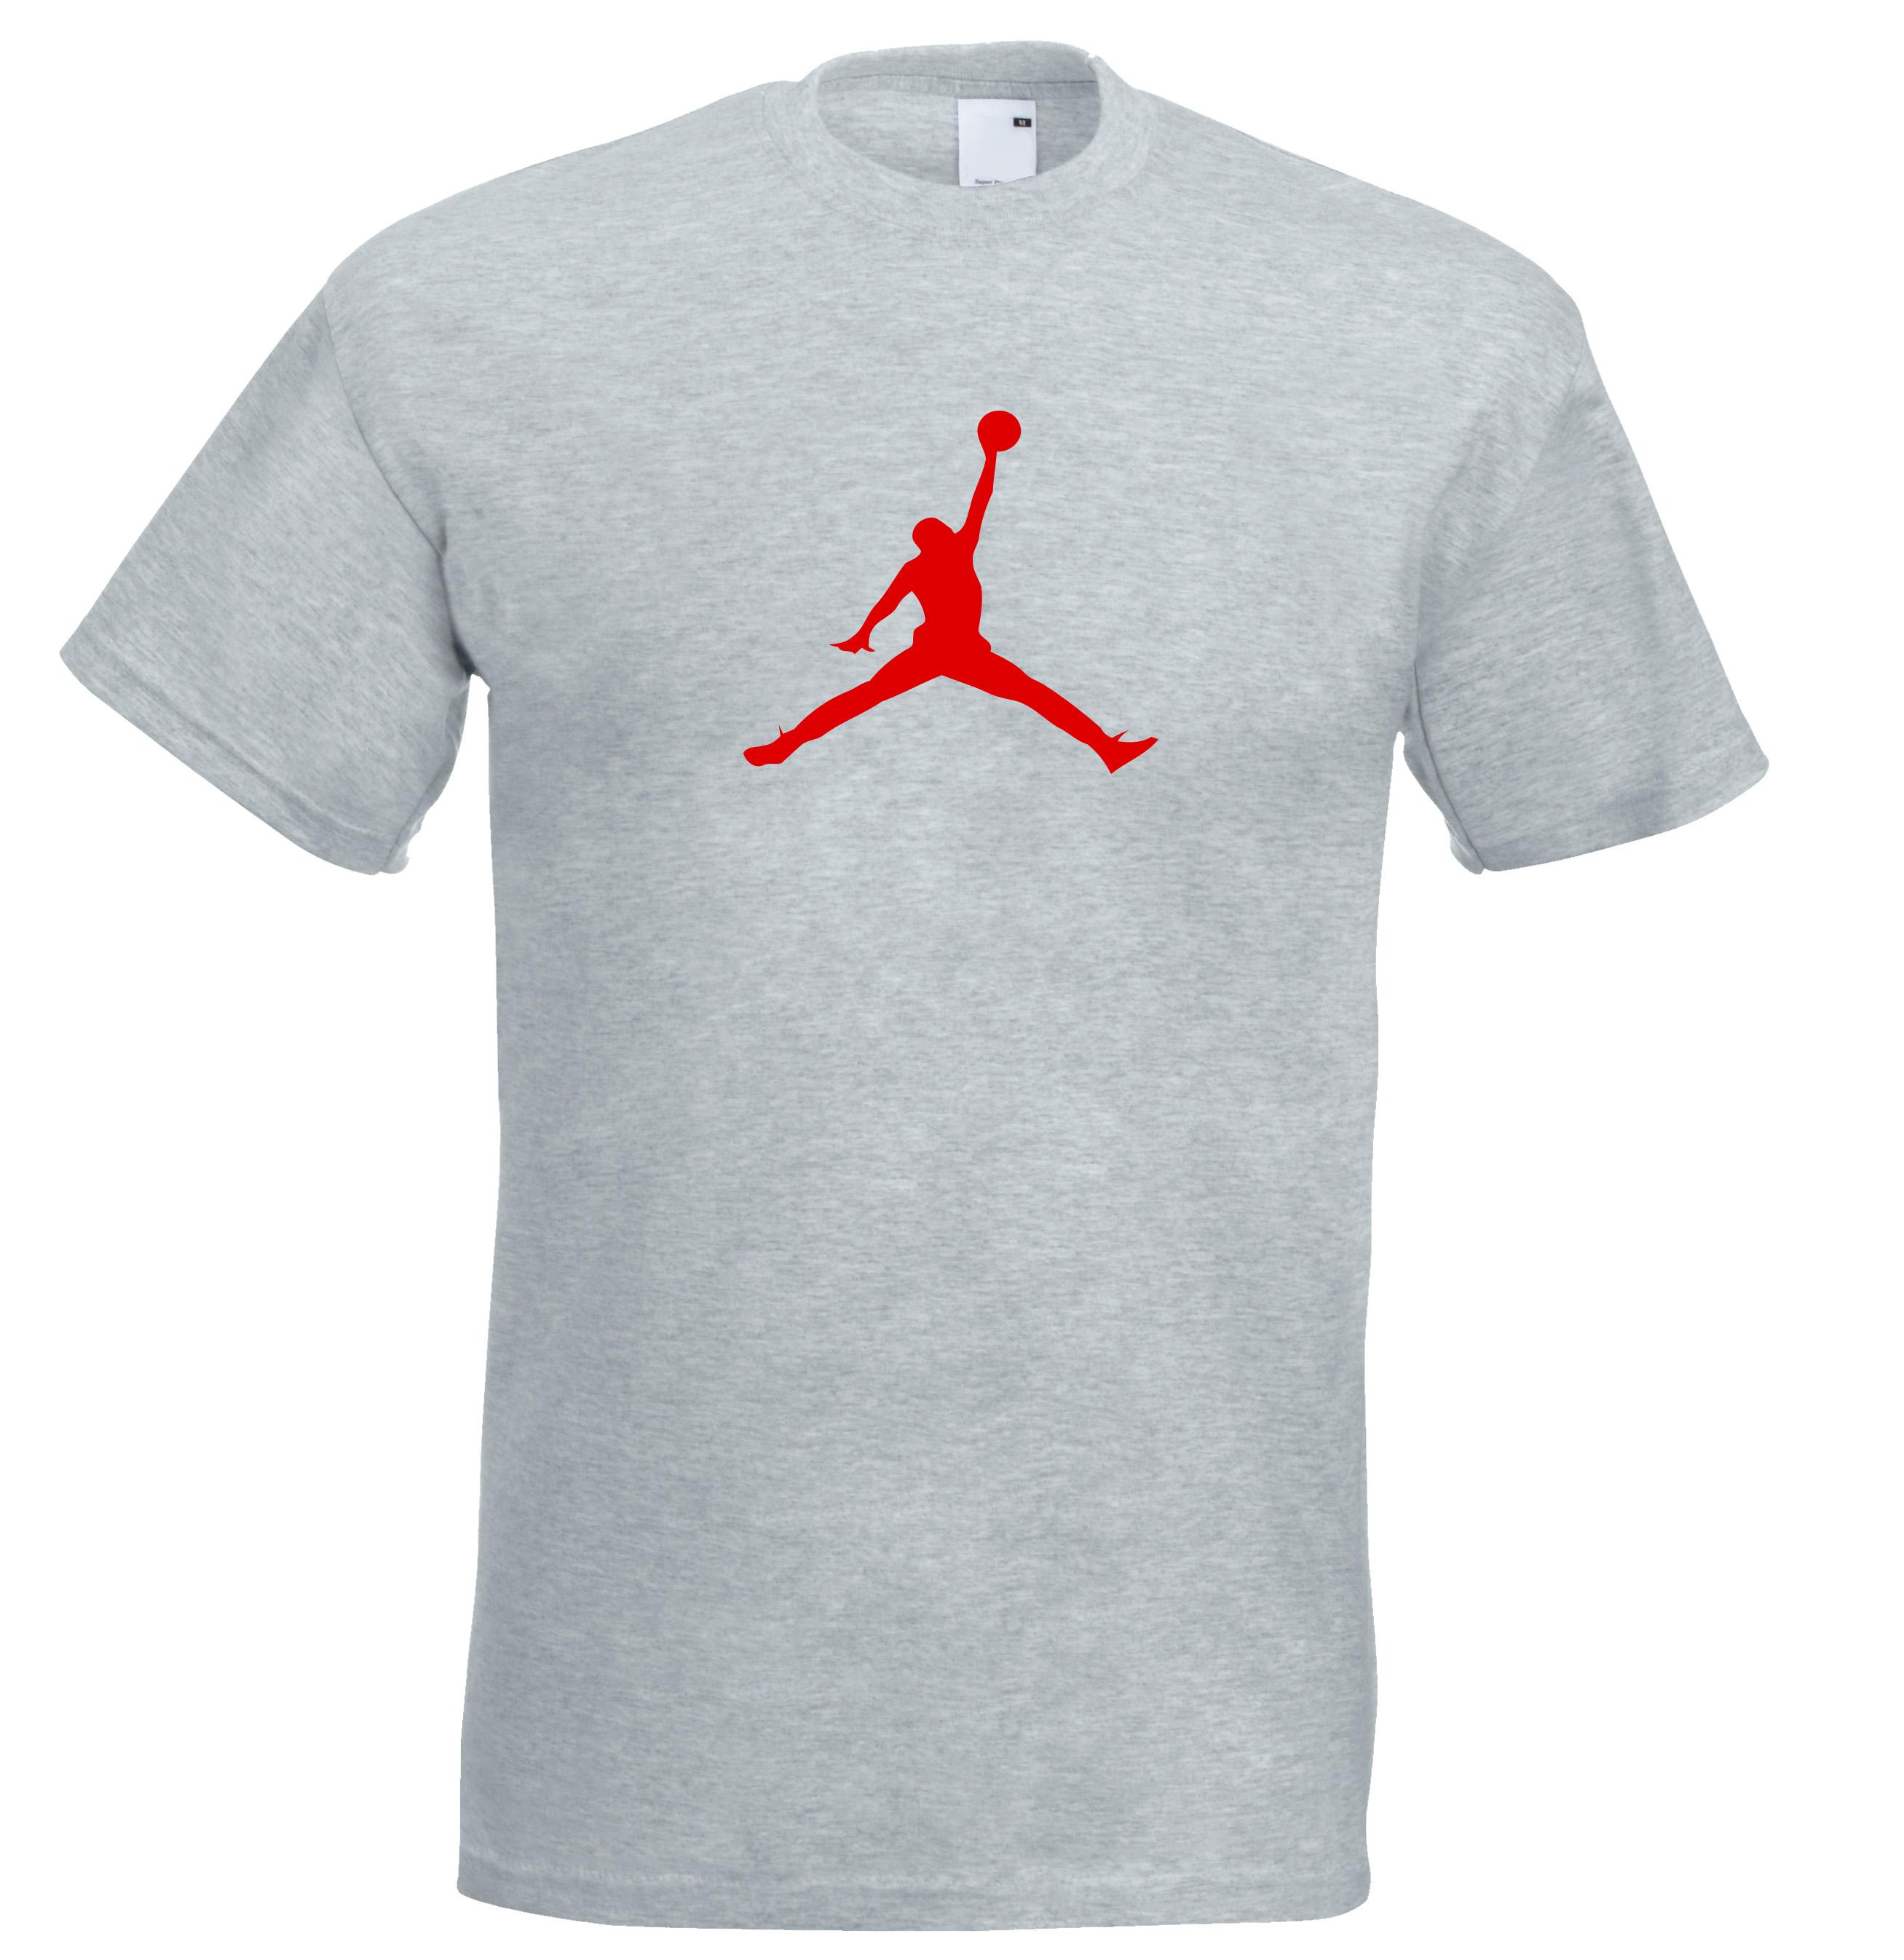 0789bced5d8c32 Juko Jordan T Shirt Basketball Michael Bulls air nba unisex